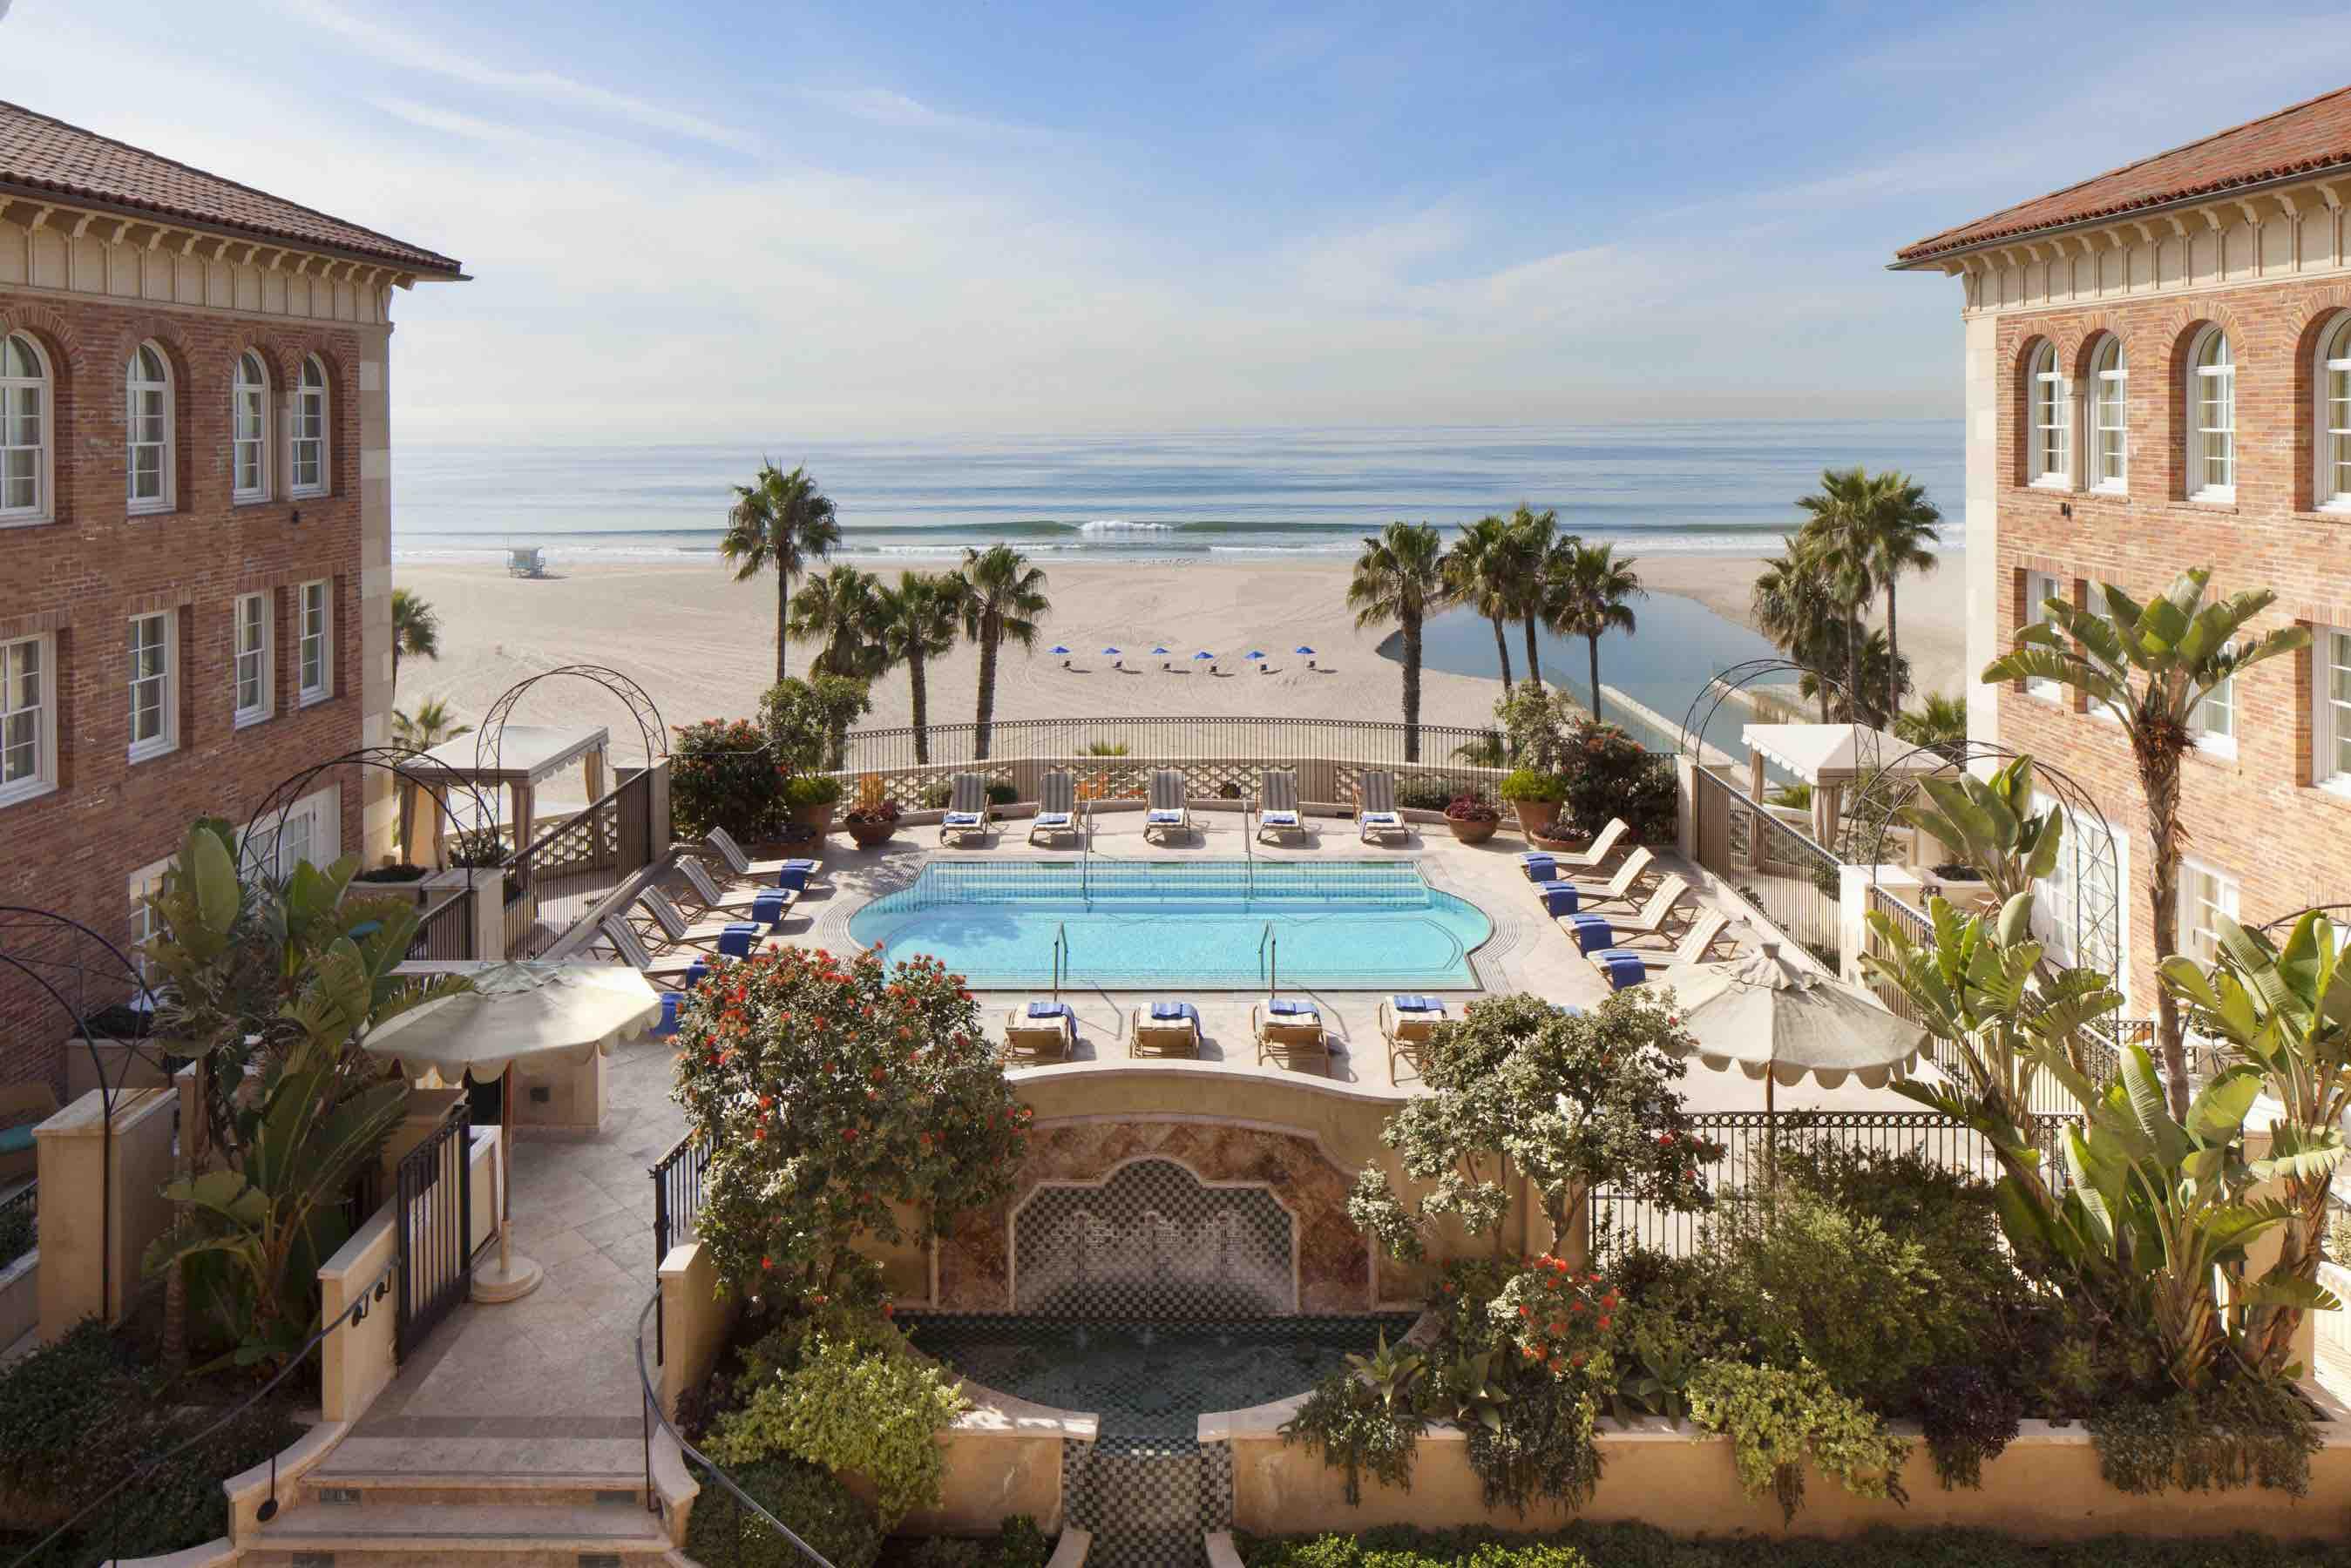 Hotels Carmel Ca Ocean View